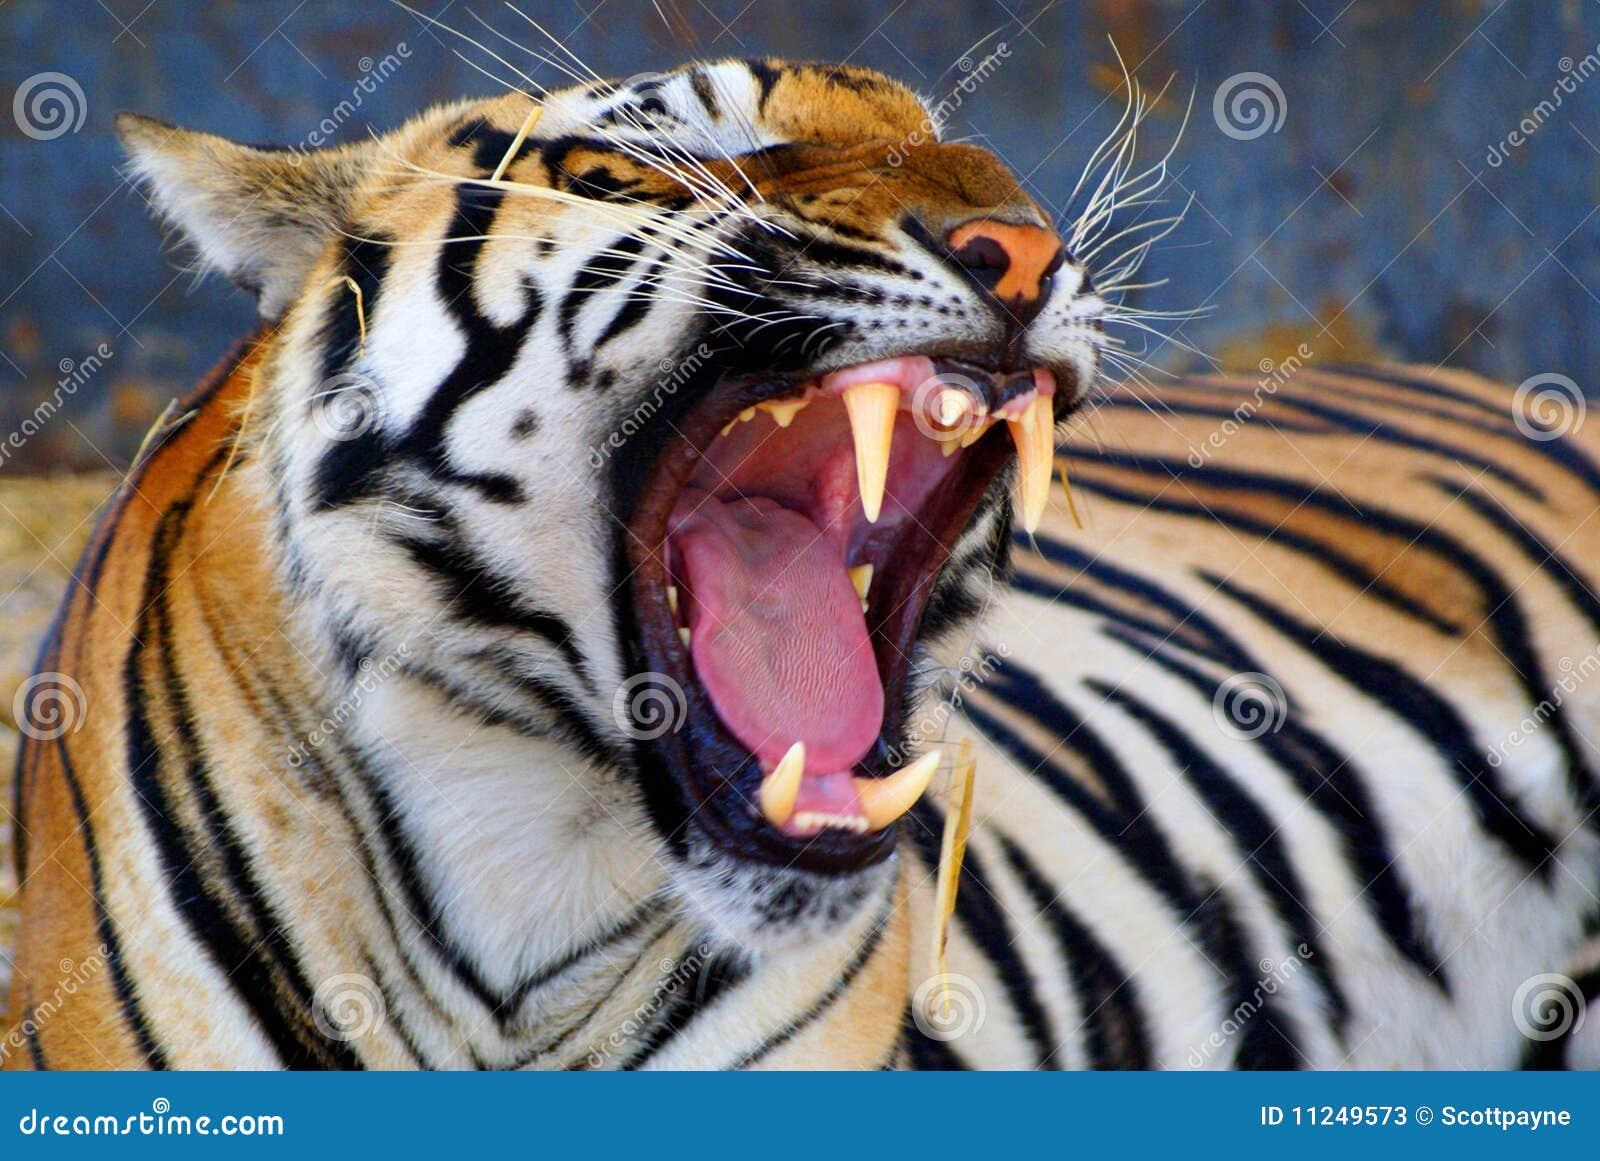 Denti delle tigri fotografie stock immagine 11249573 for Disegni delle tigri